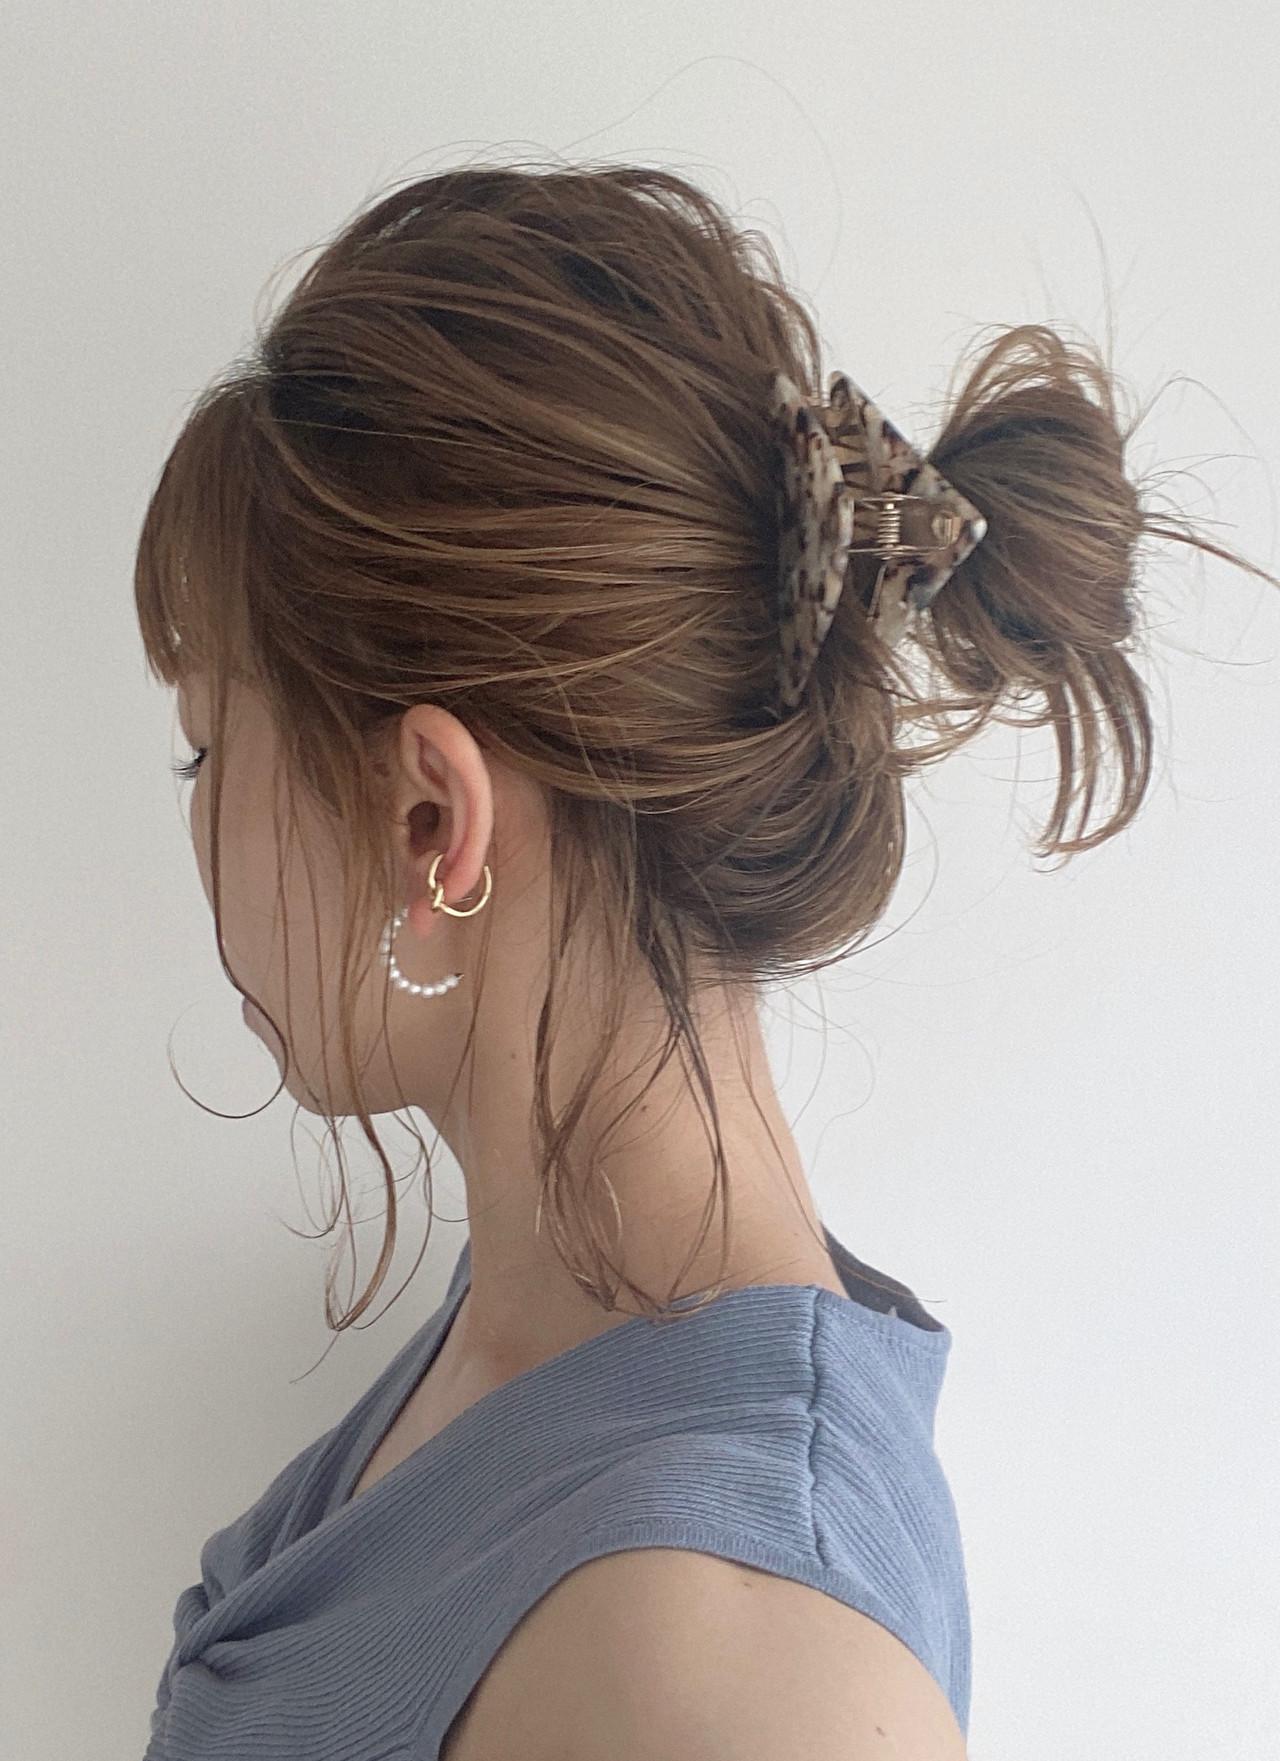 ミディアム 簡単ヘアアレンジ セルフヘアアレンジ おだんご ヘアスタイルや髪型の写真・画像